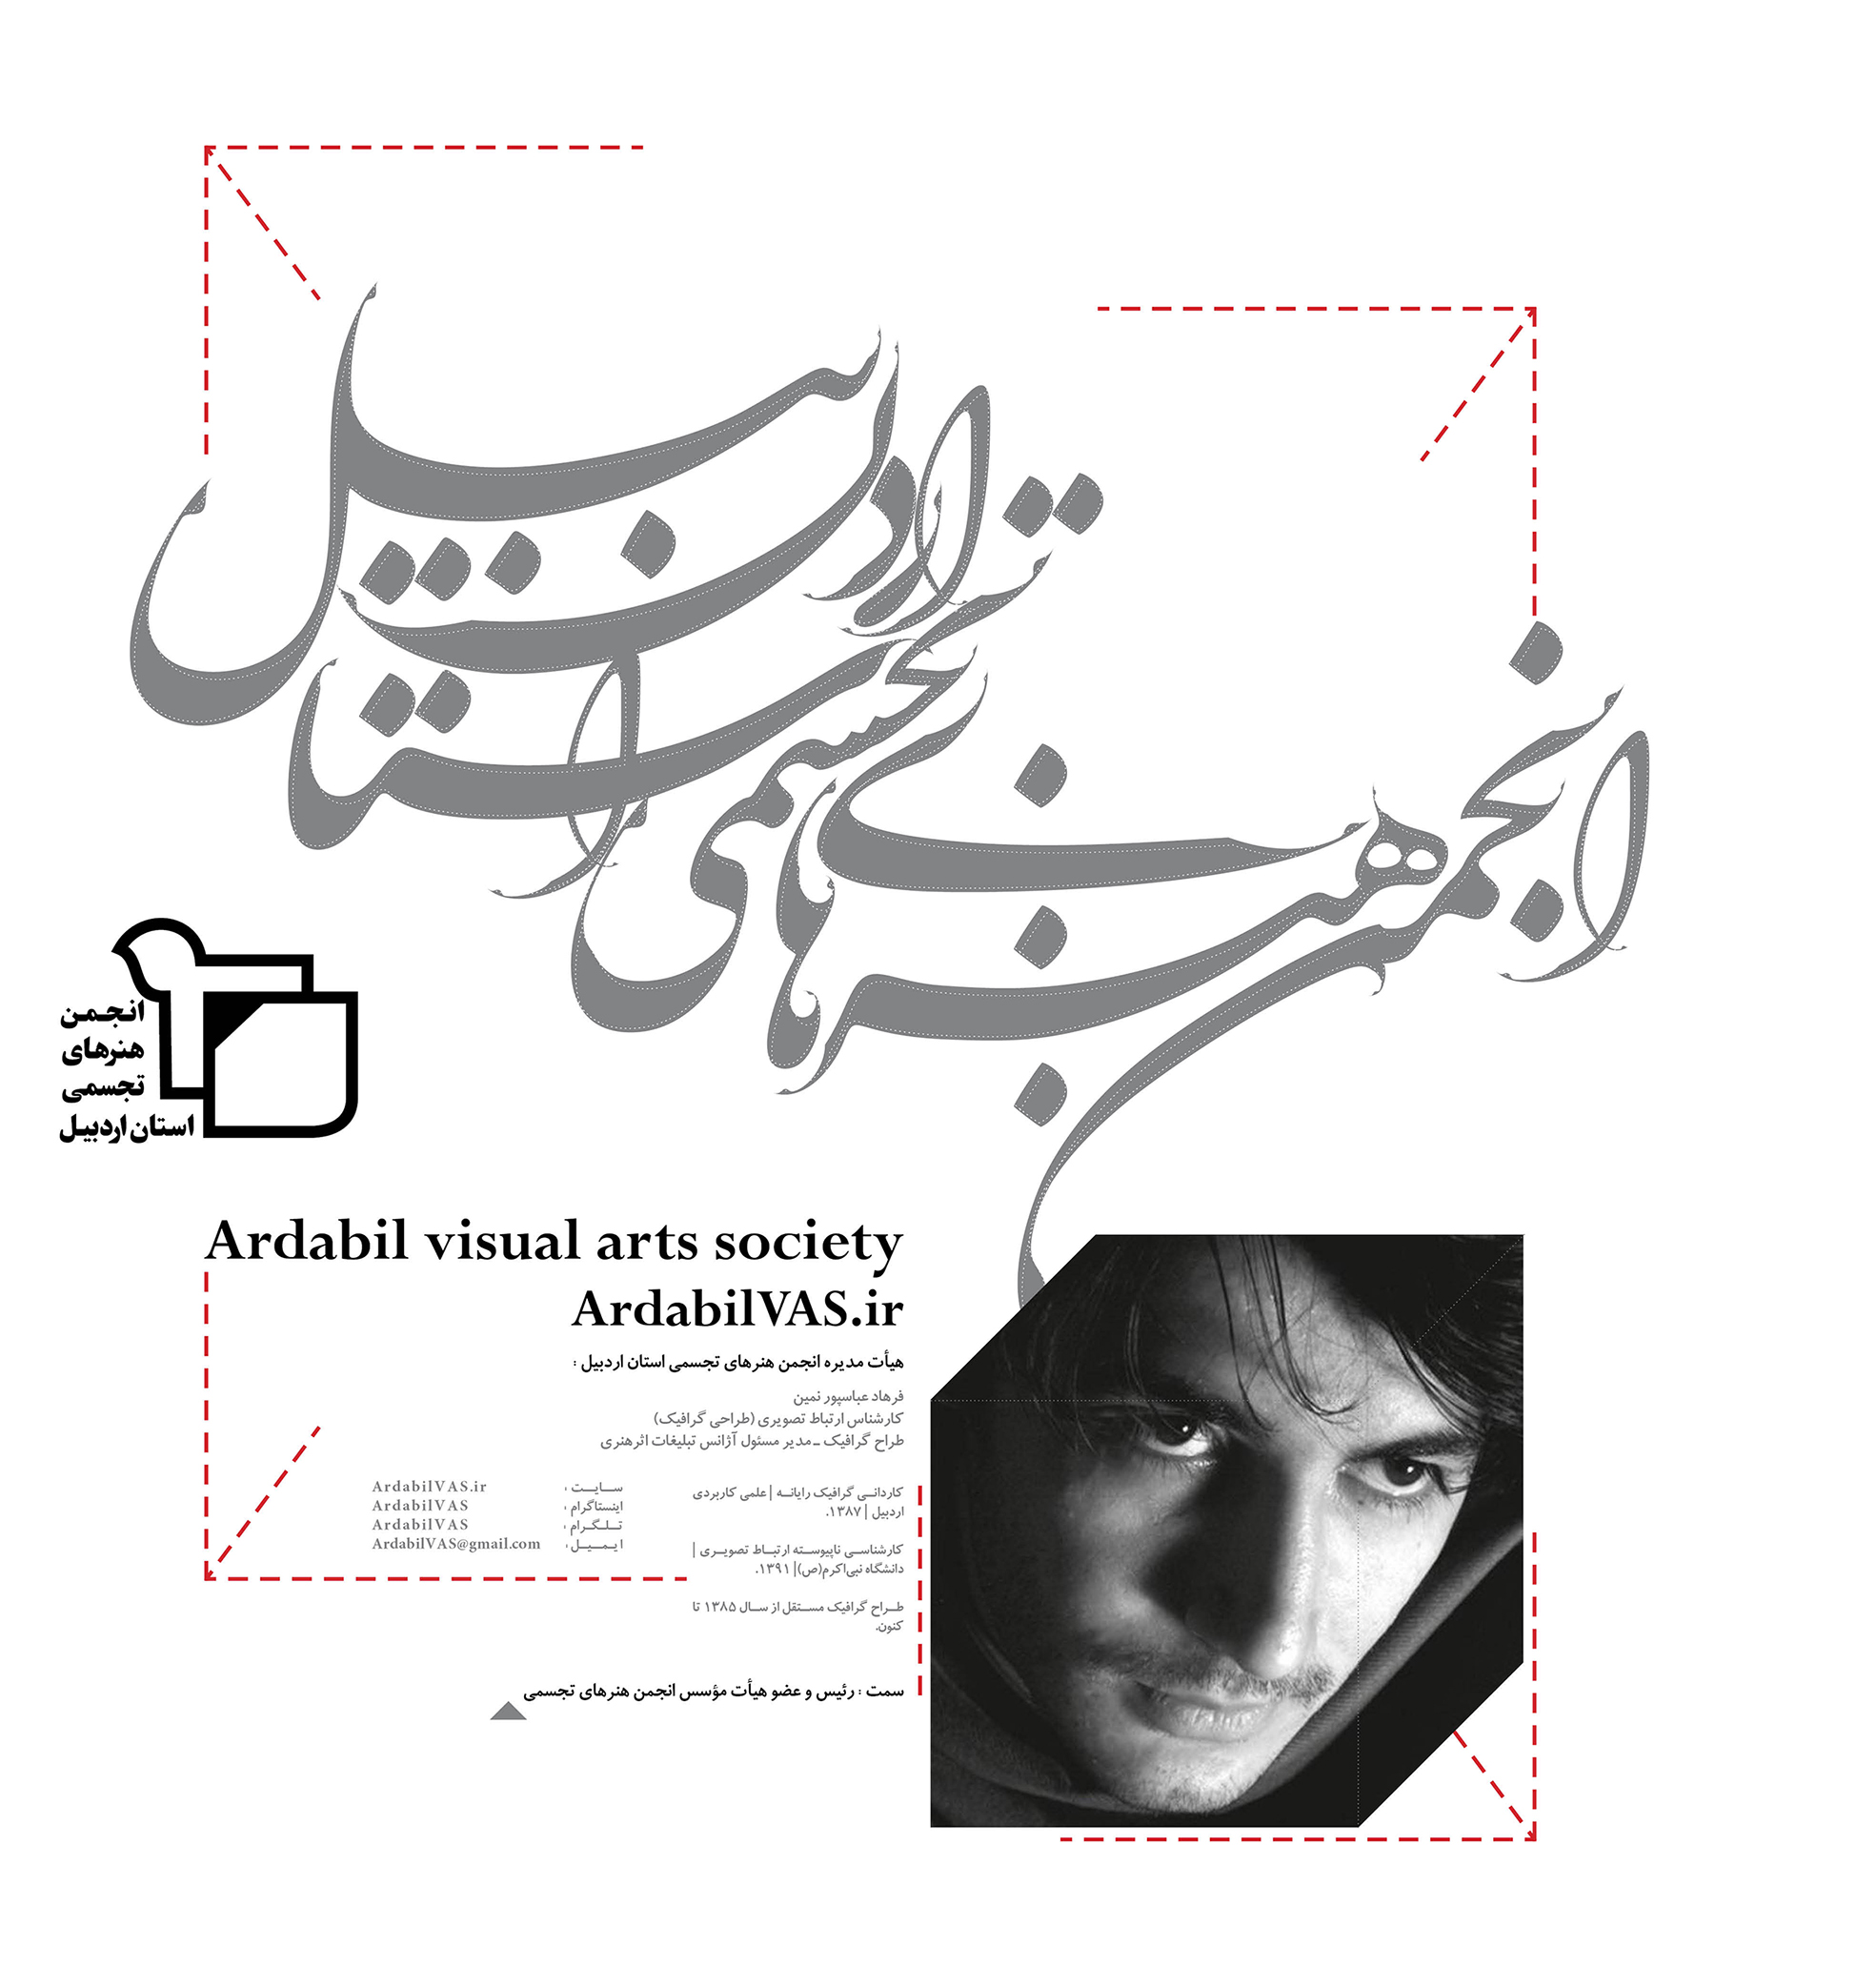 رئیس انجمن هنرهای تجسمی استان اردبیل لینک : https://ardabilvas.ir/?p=182 👇 سایت : ardabilvas.ir اینستاگرام : instagram.com/ArdabilVAS کانال : @ArdabilVAS 👆